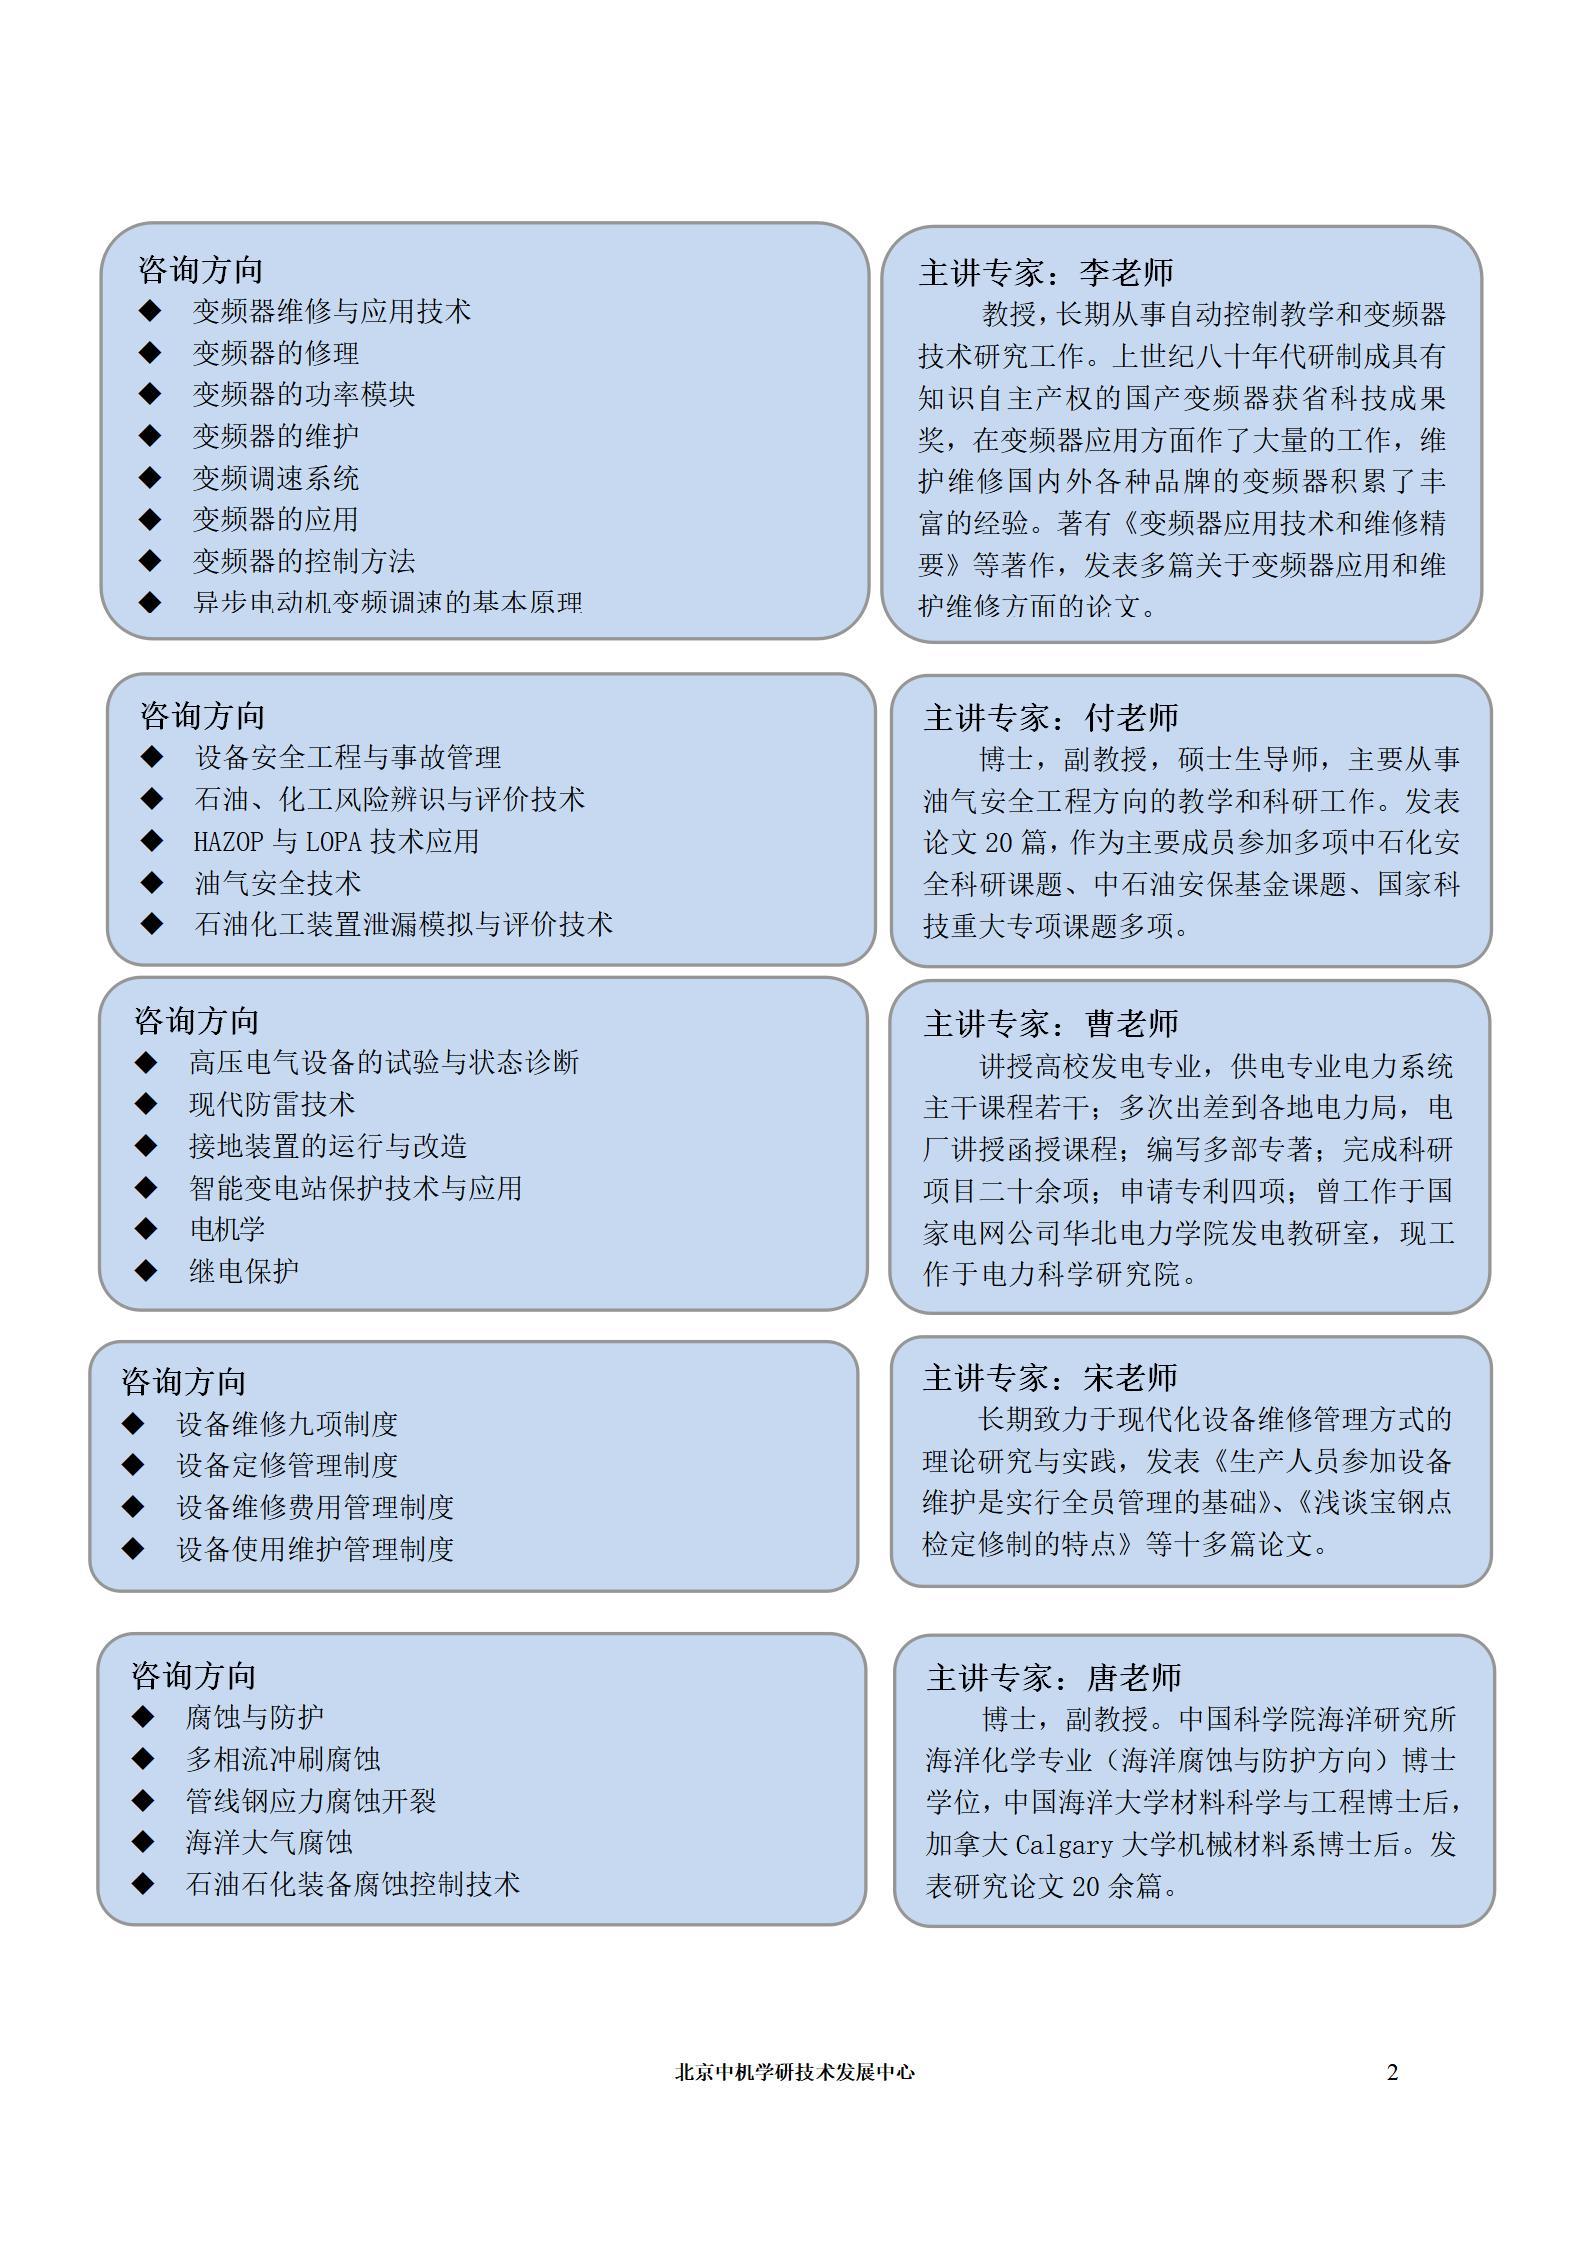 企业管理专家及培训课程推荐 (2)(1)_02.jpg